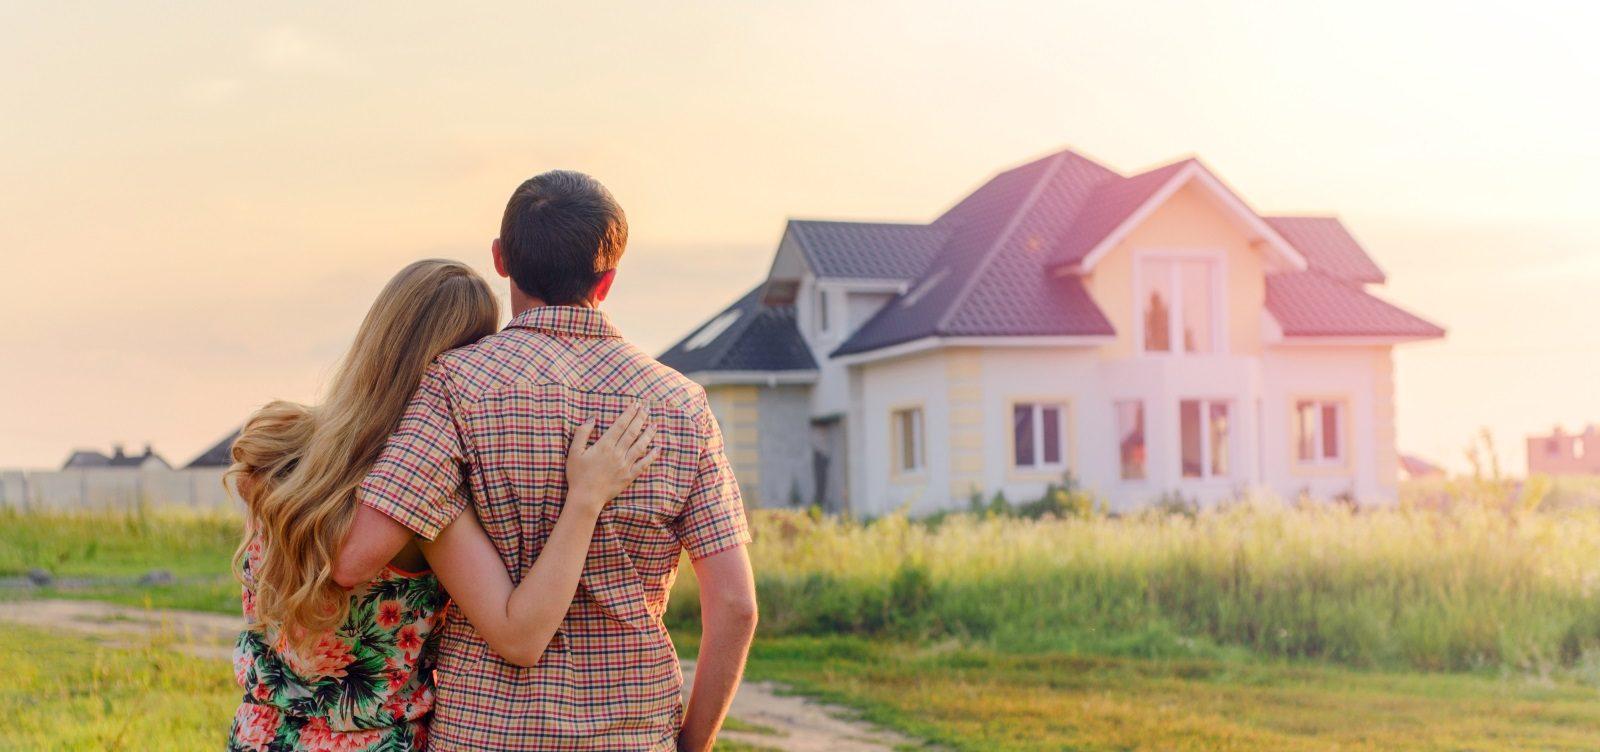 Le prêt hypothécaire pour acheter une maison